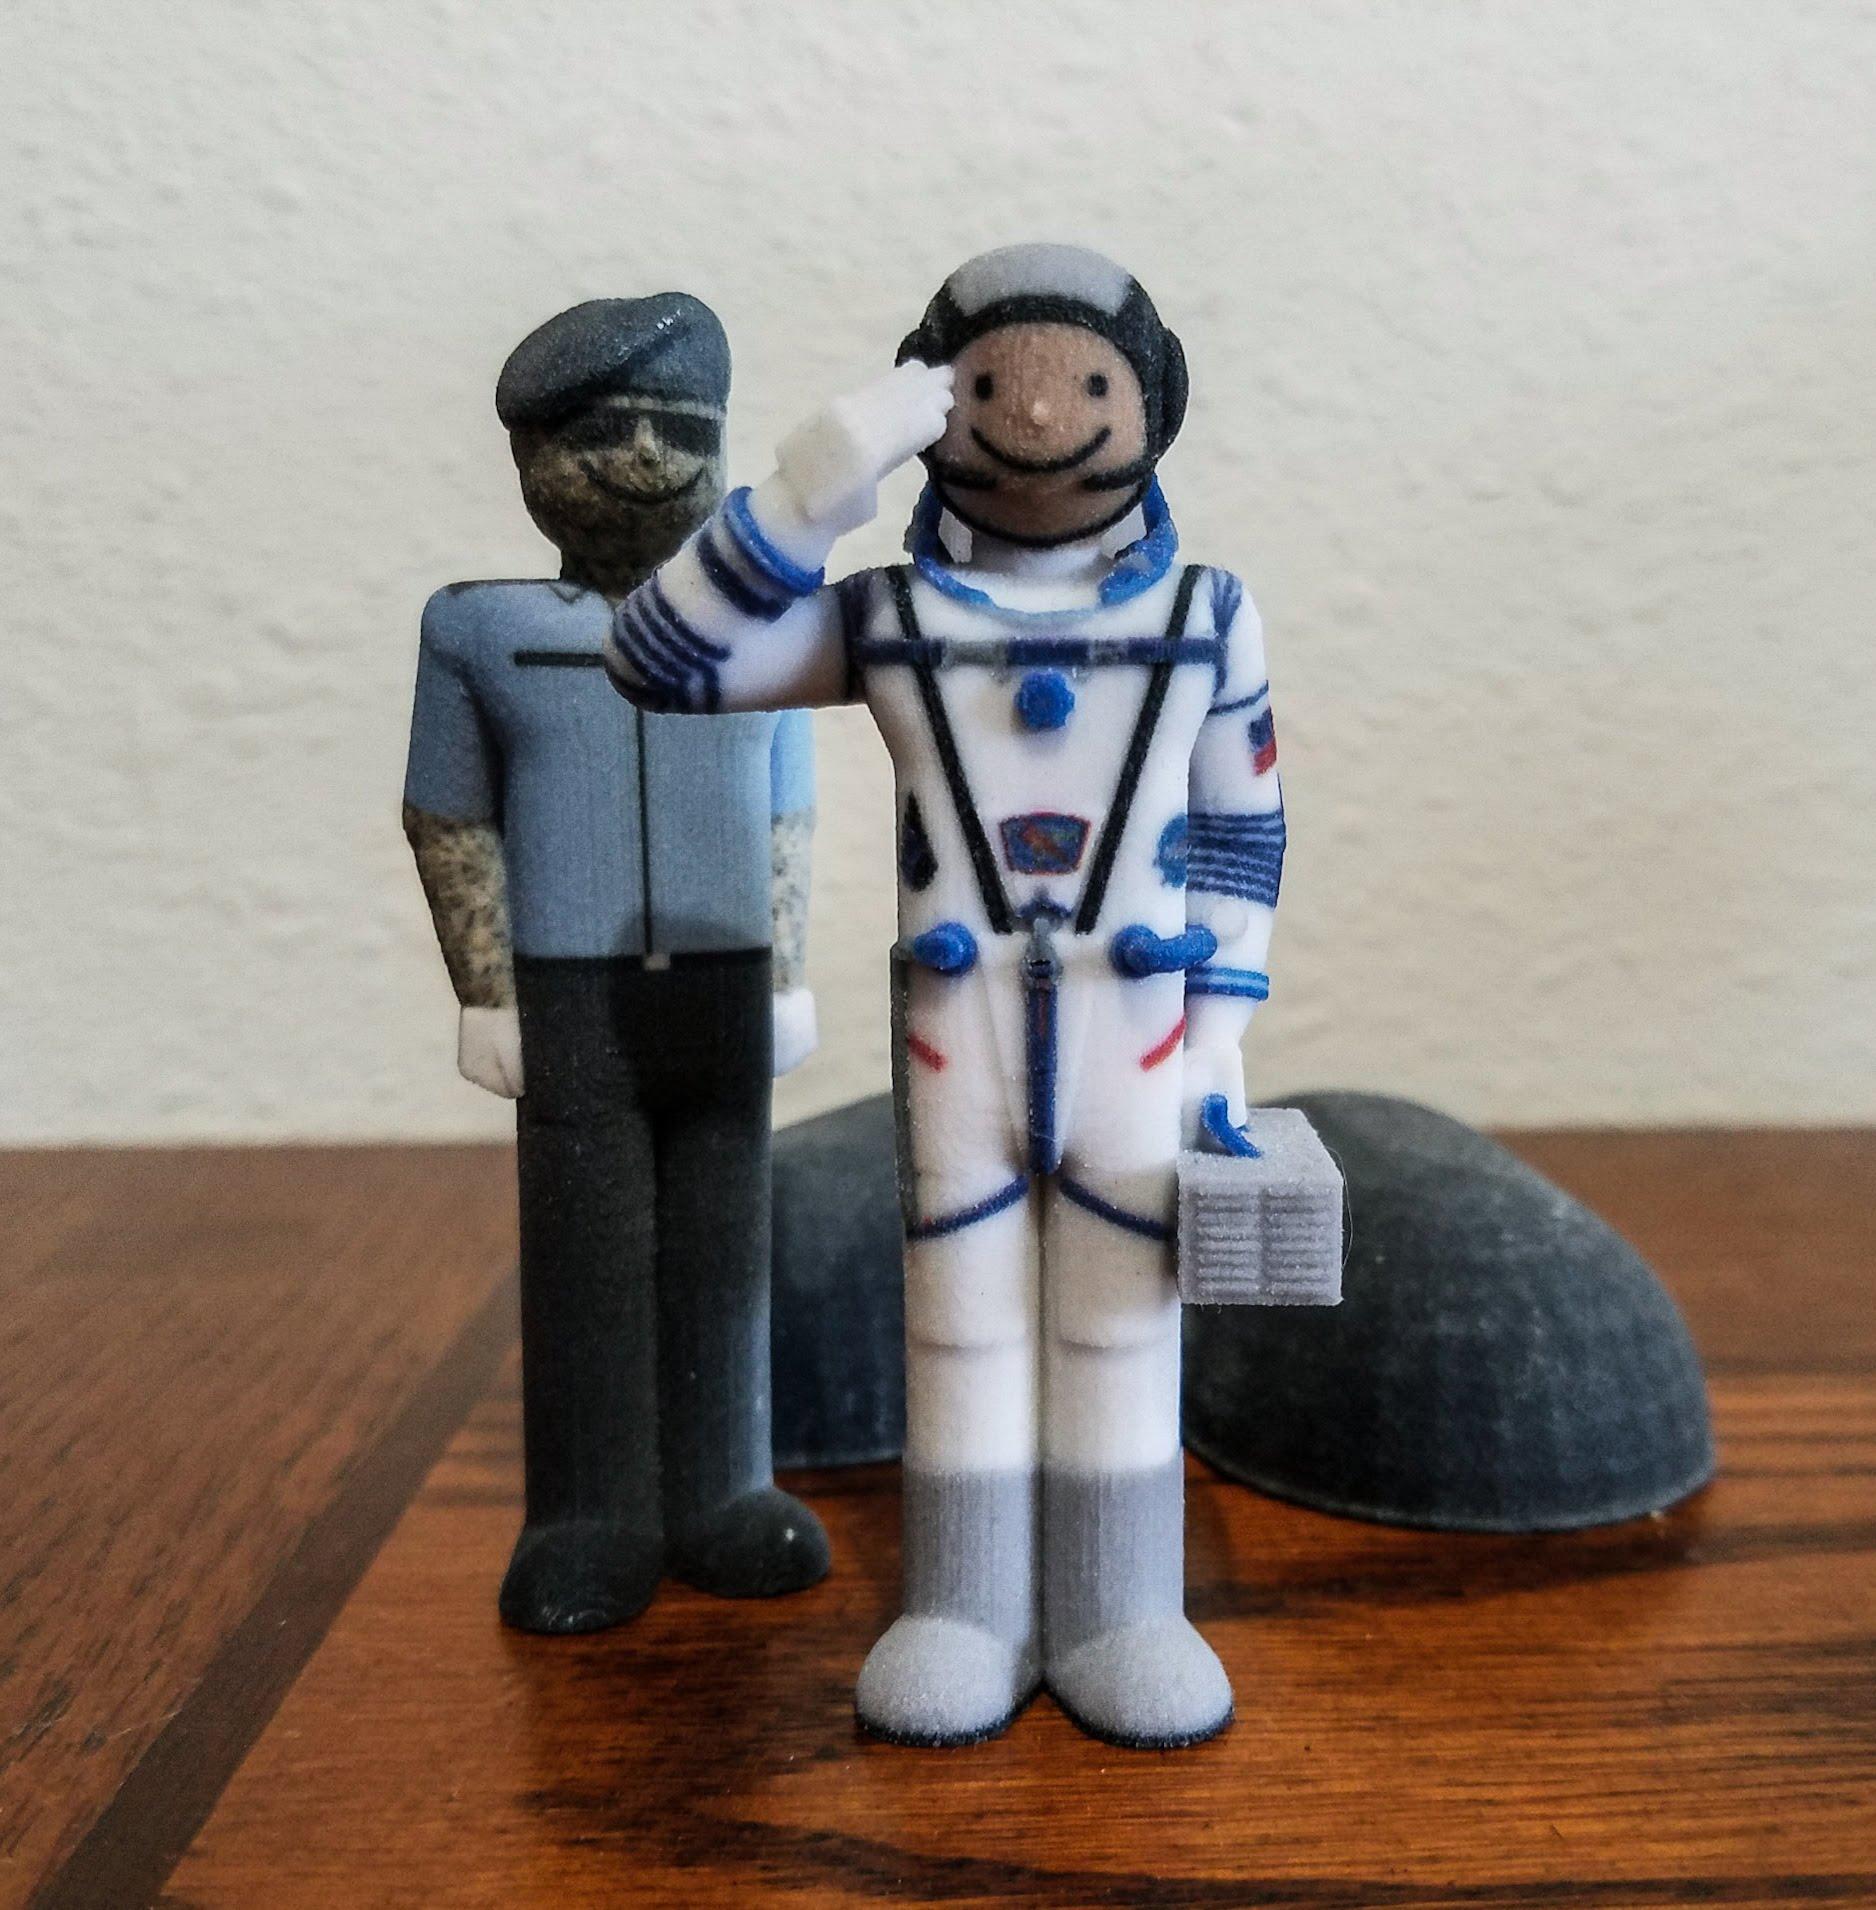 NASA Sokal suit